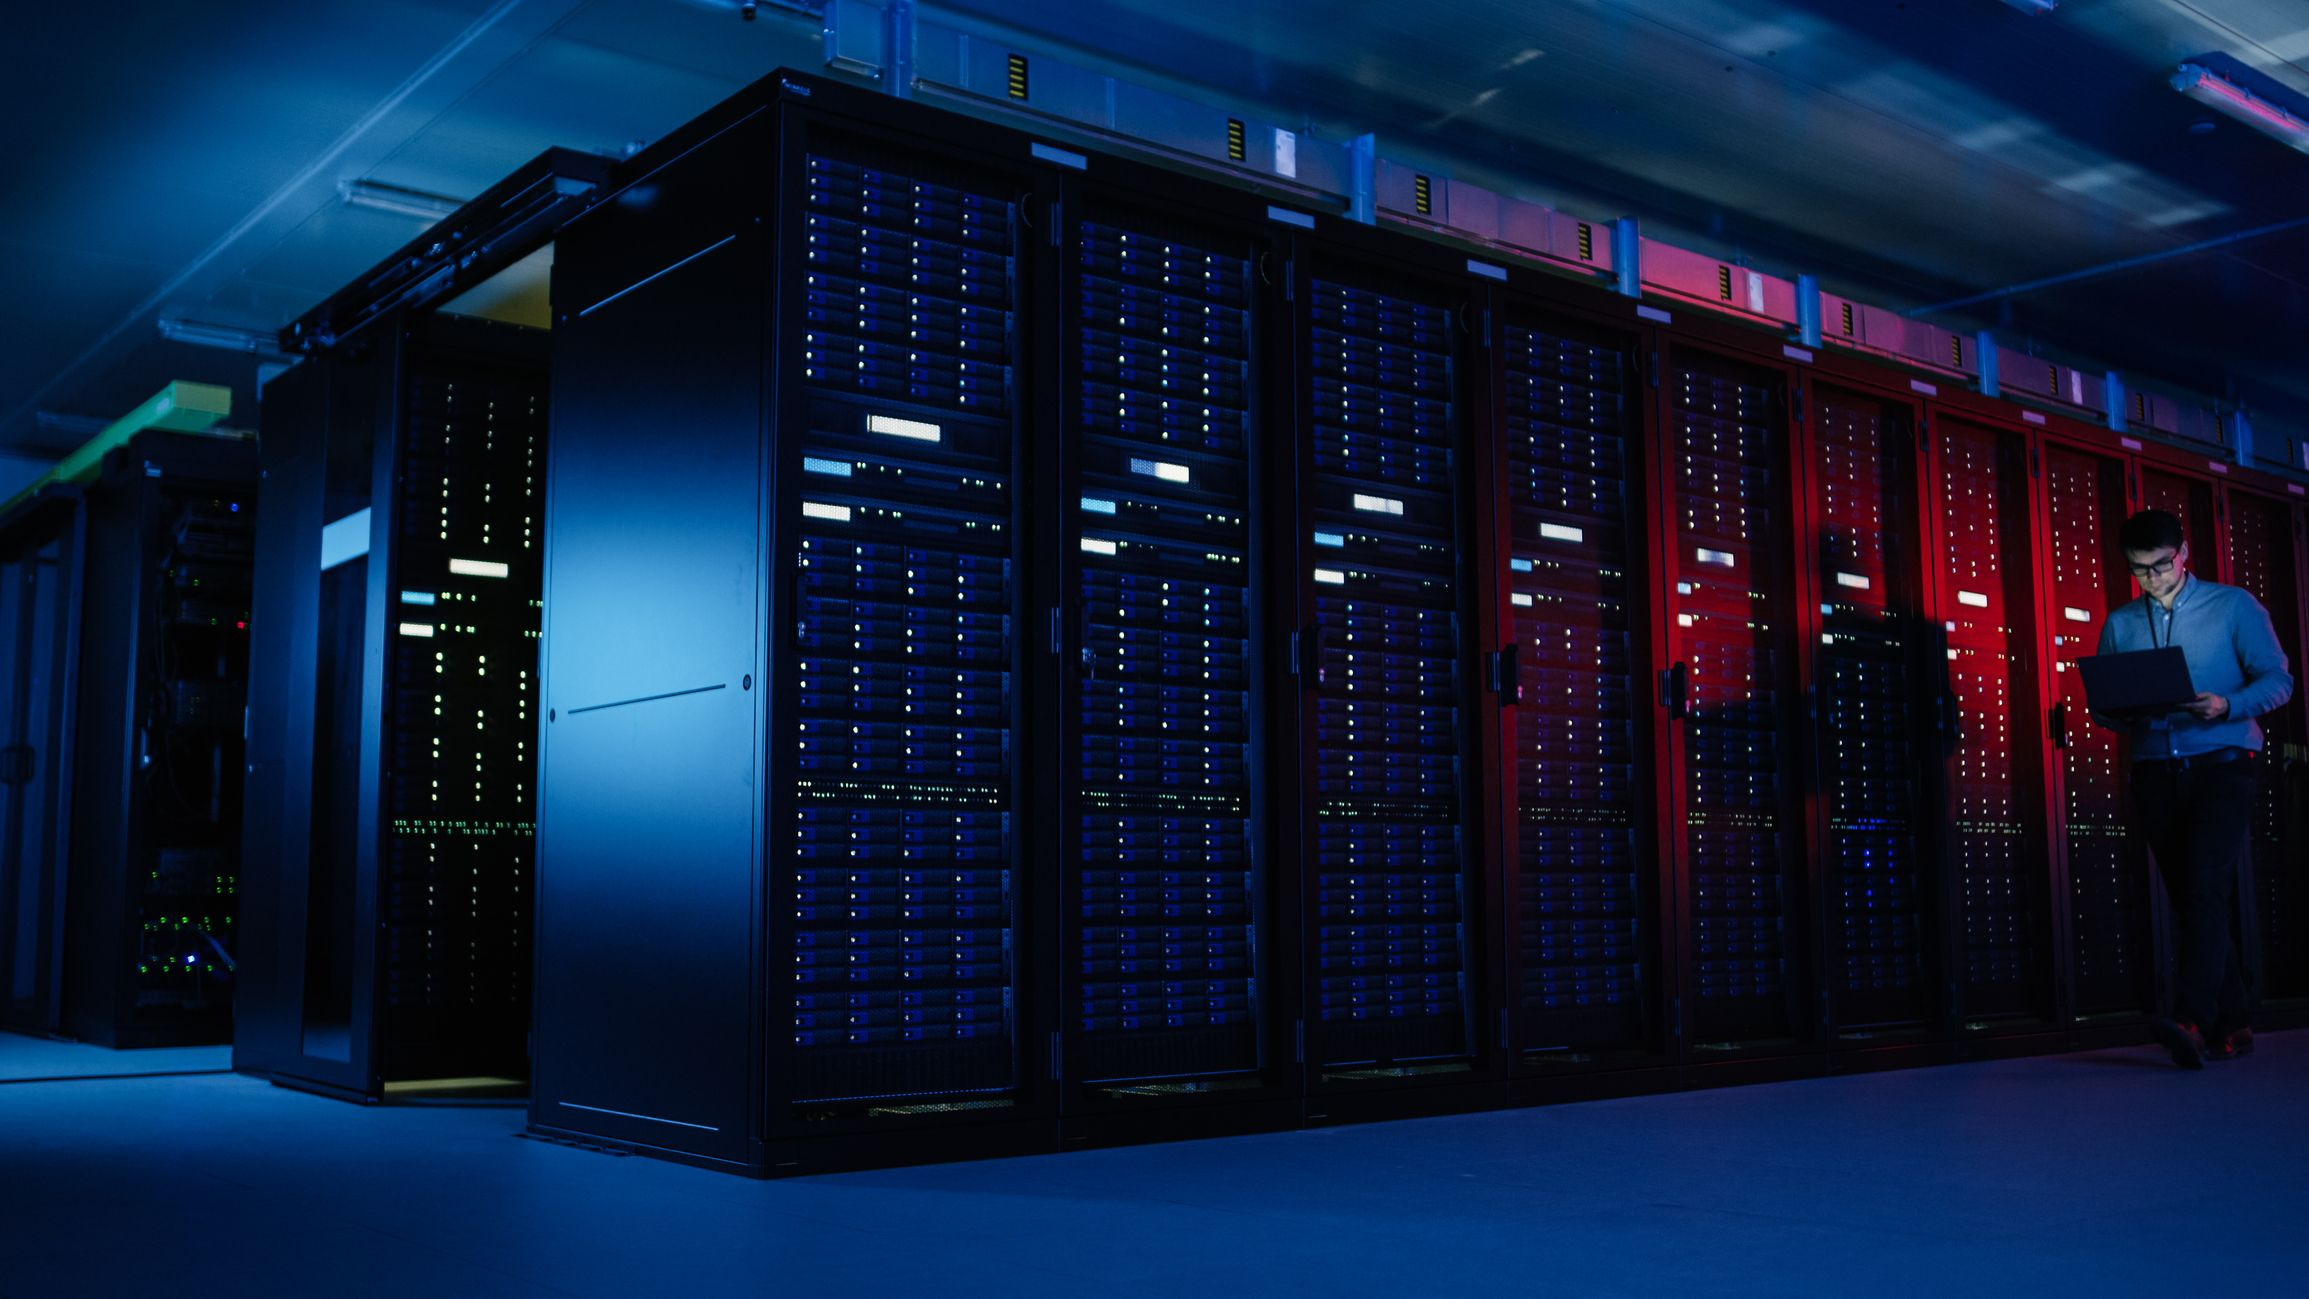 The breakthroughs modernising data warehouses